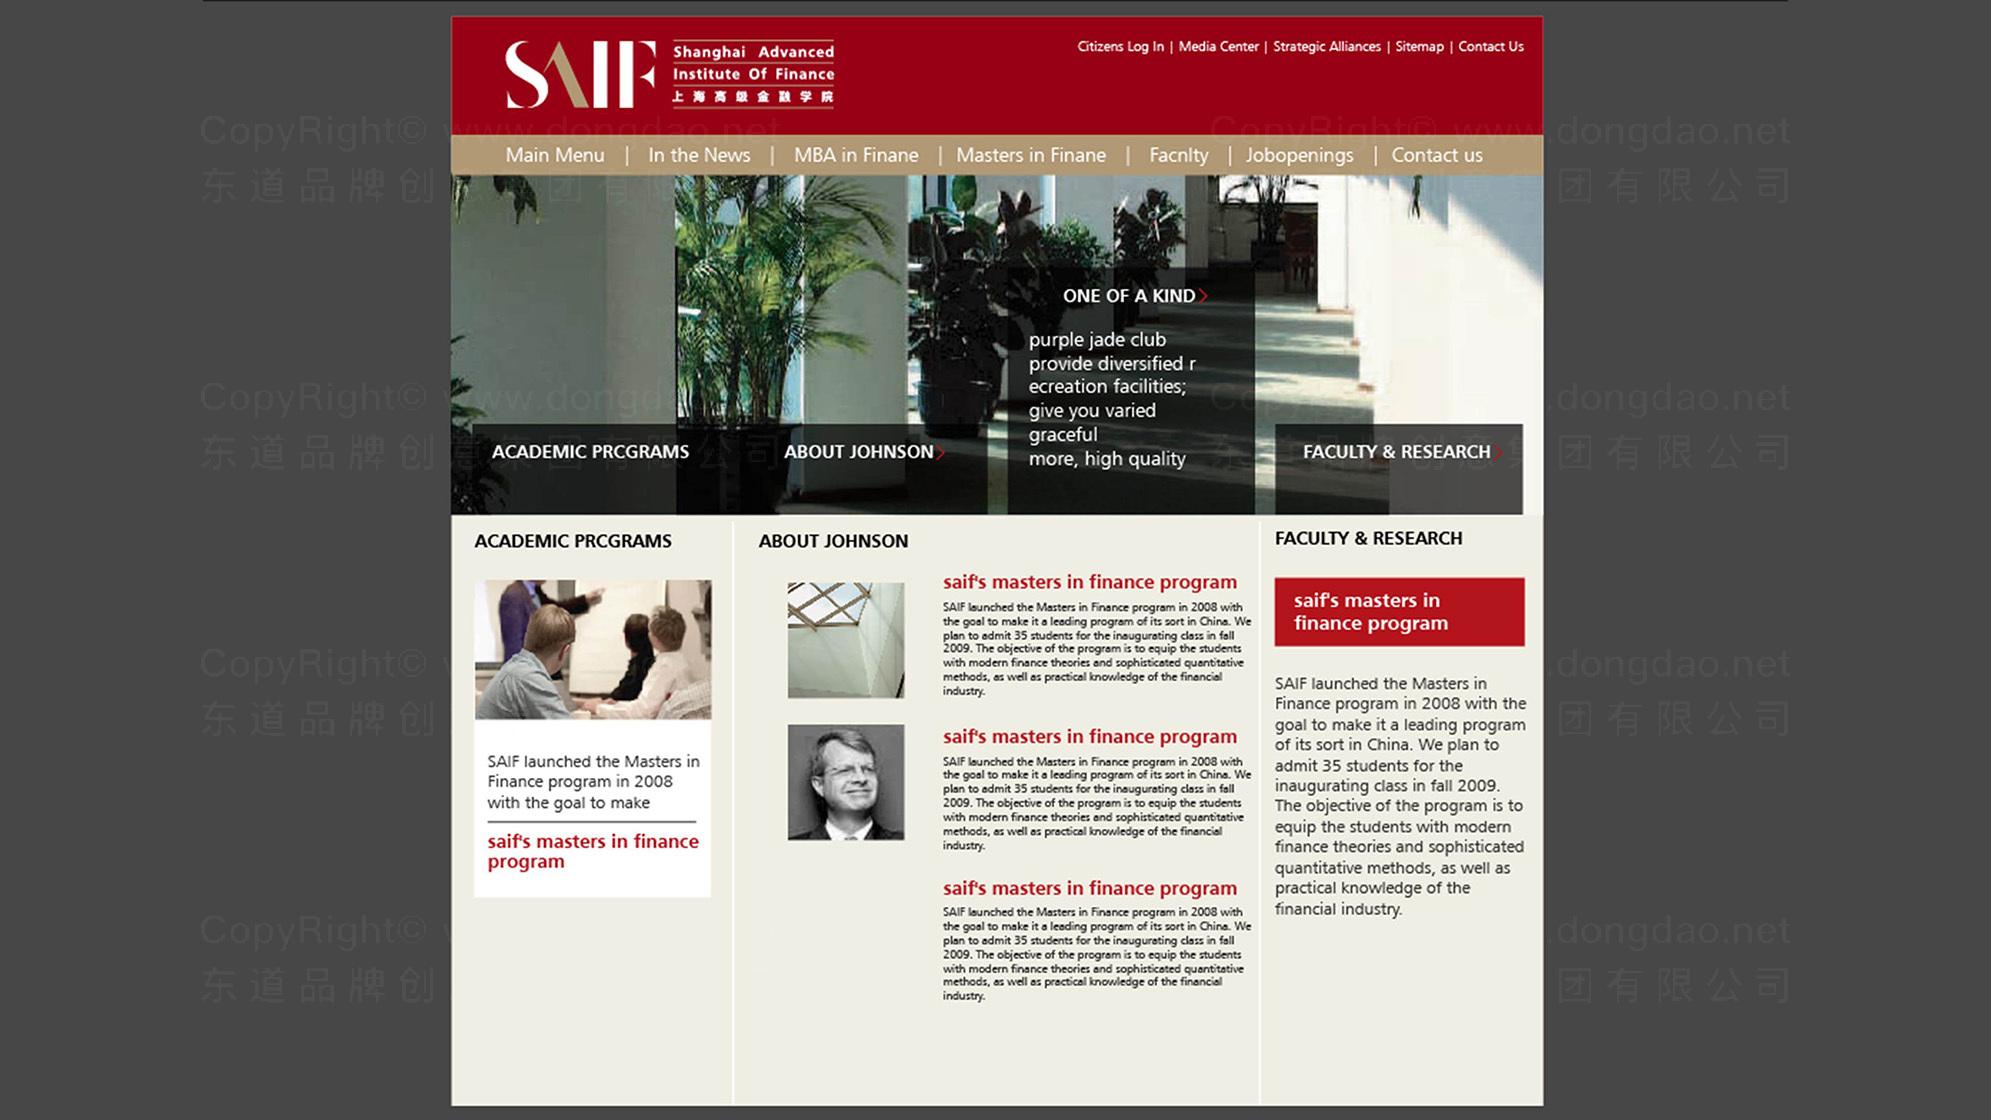 品牌设计上海高级金融学院logo设计、vi设计设计应用场景_3